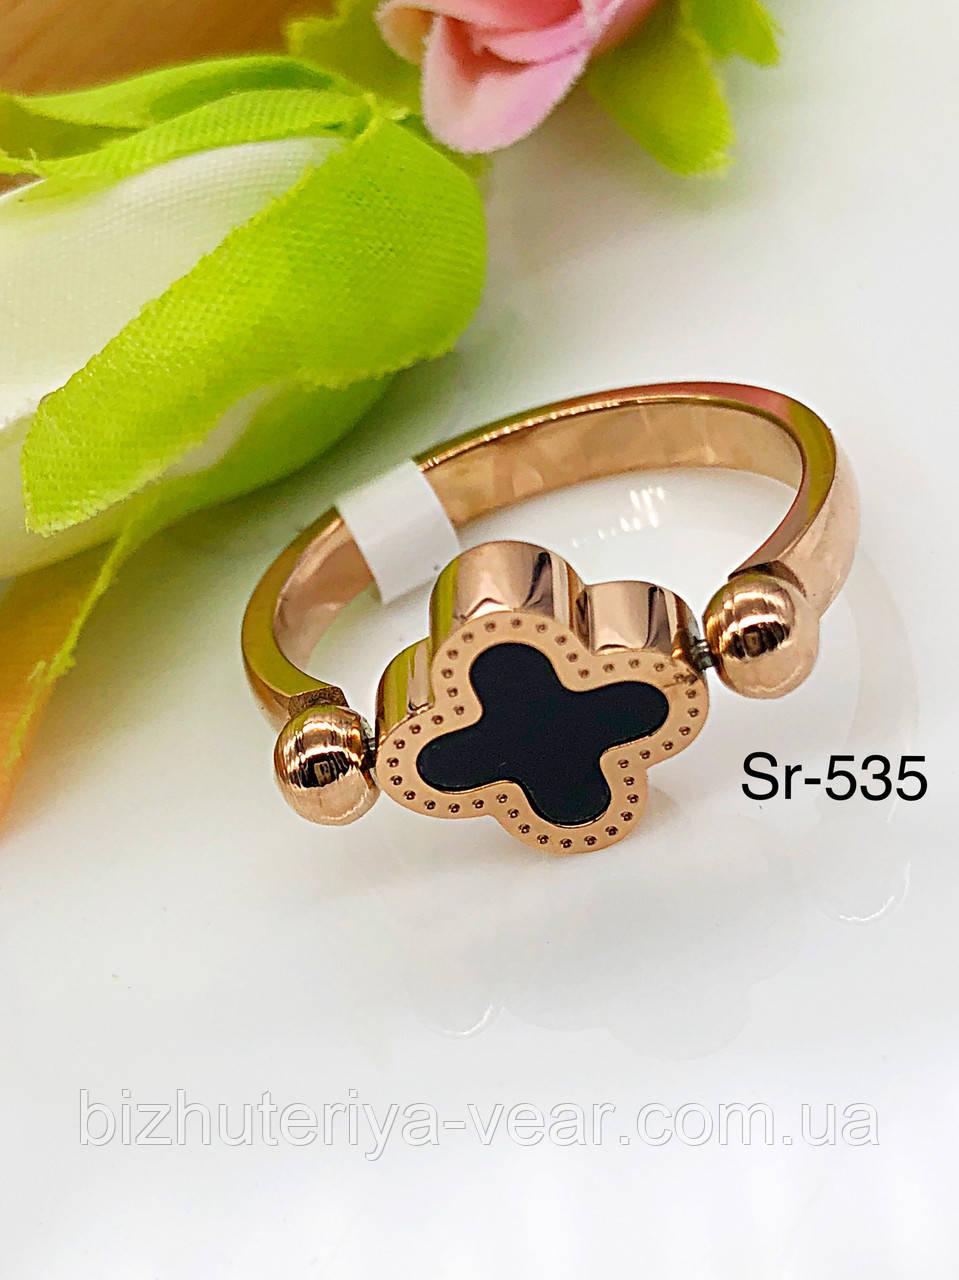 Кольцо Sr-535(6,7,9)